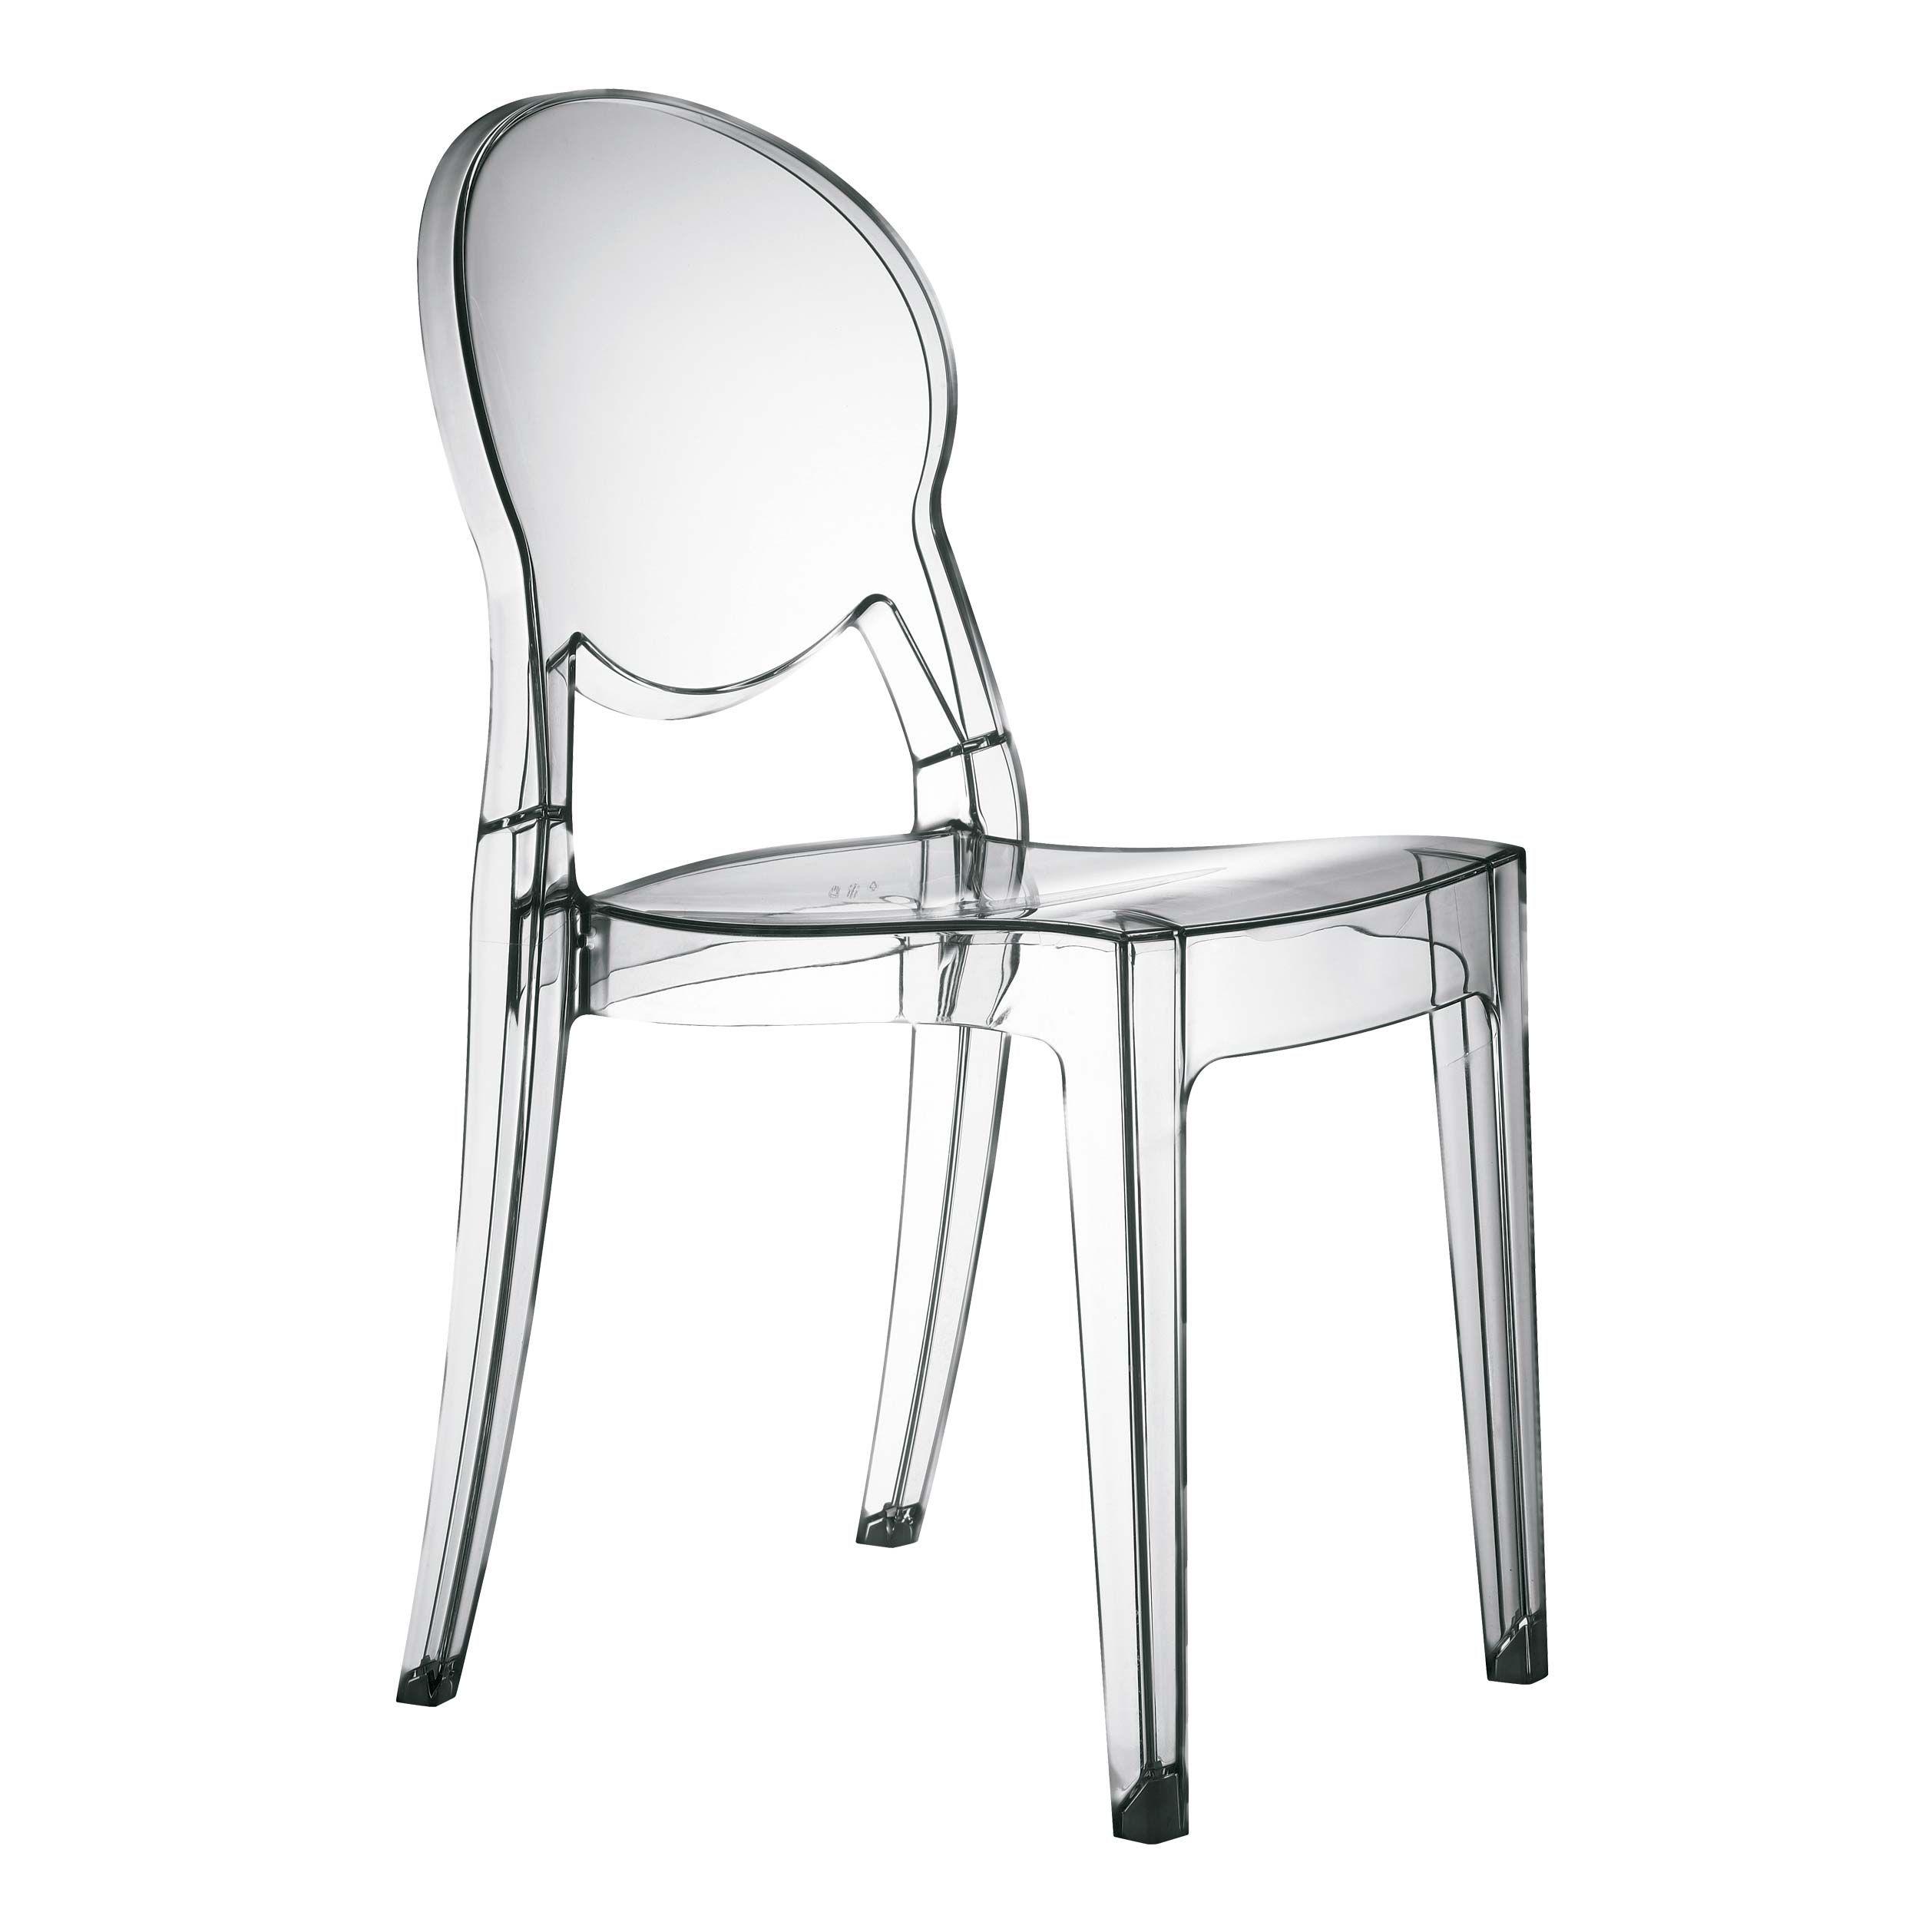 Silla de pl stico de dise o y fabricaci n italiana esta silla es